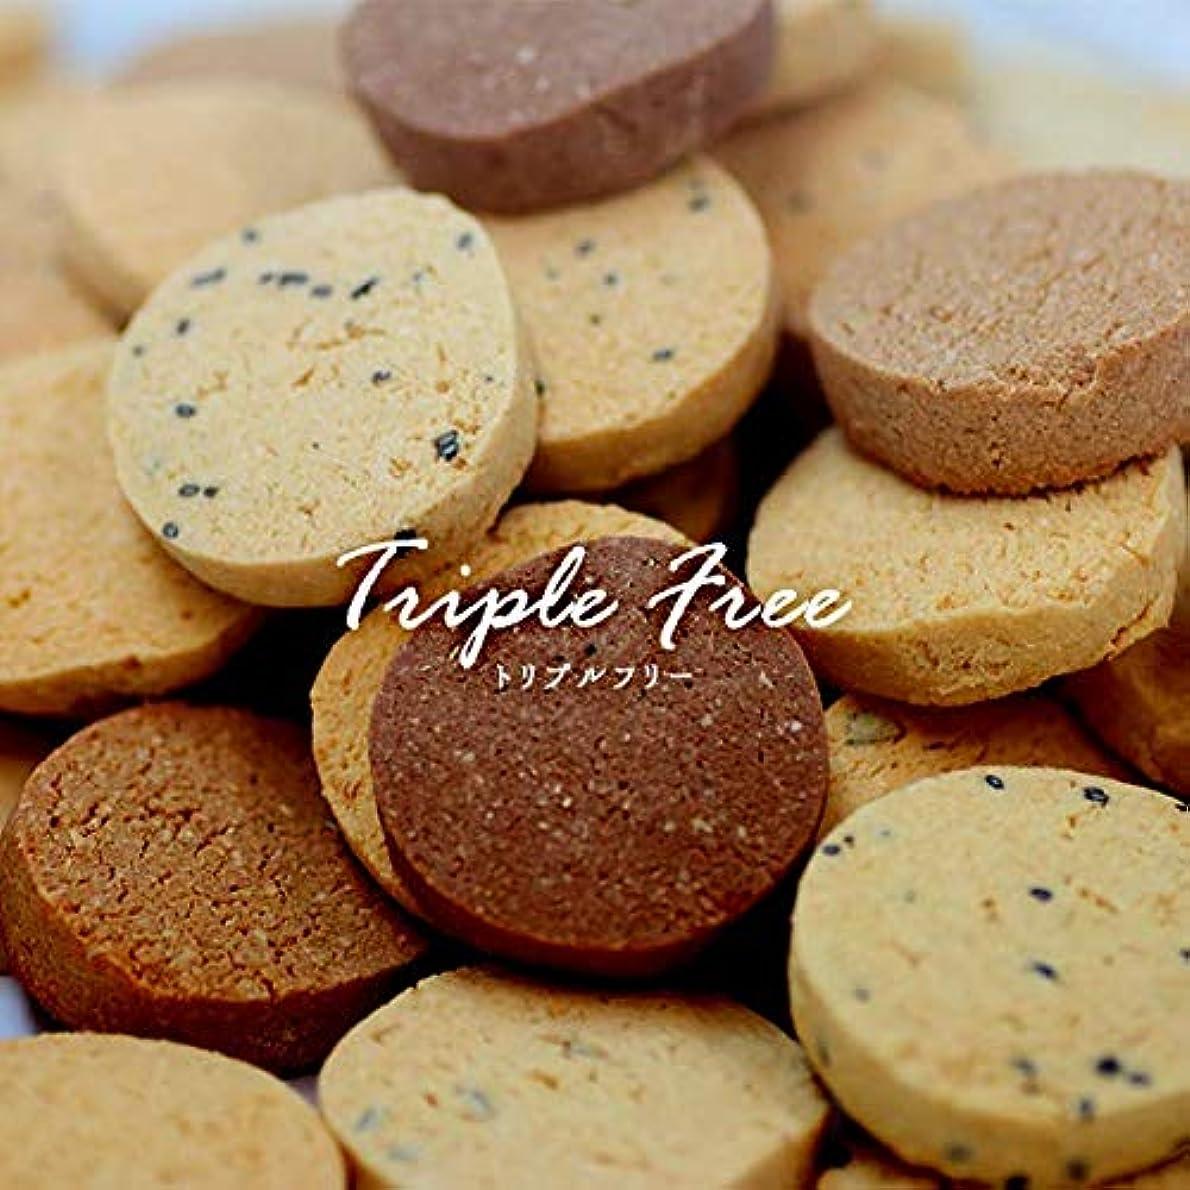 現実のみスポーツ新感覚!大人気5種類!Triple Free 豆乳おからクッキー 1kg(個包装)小麦粉不使用のダイエットクッキー